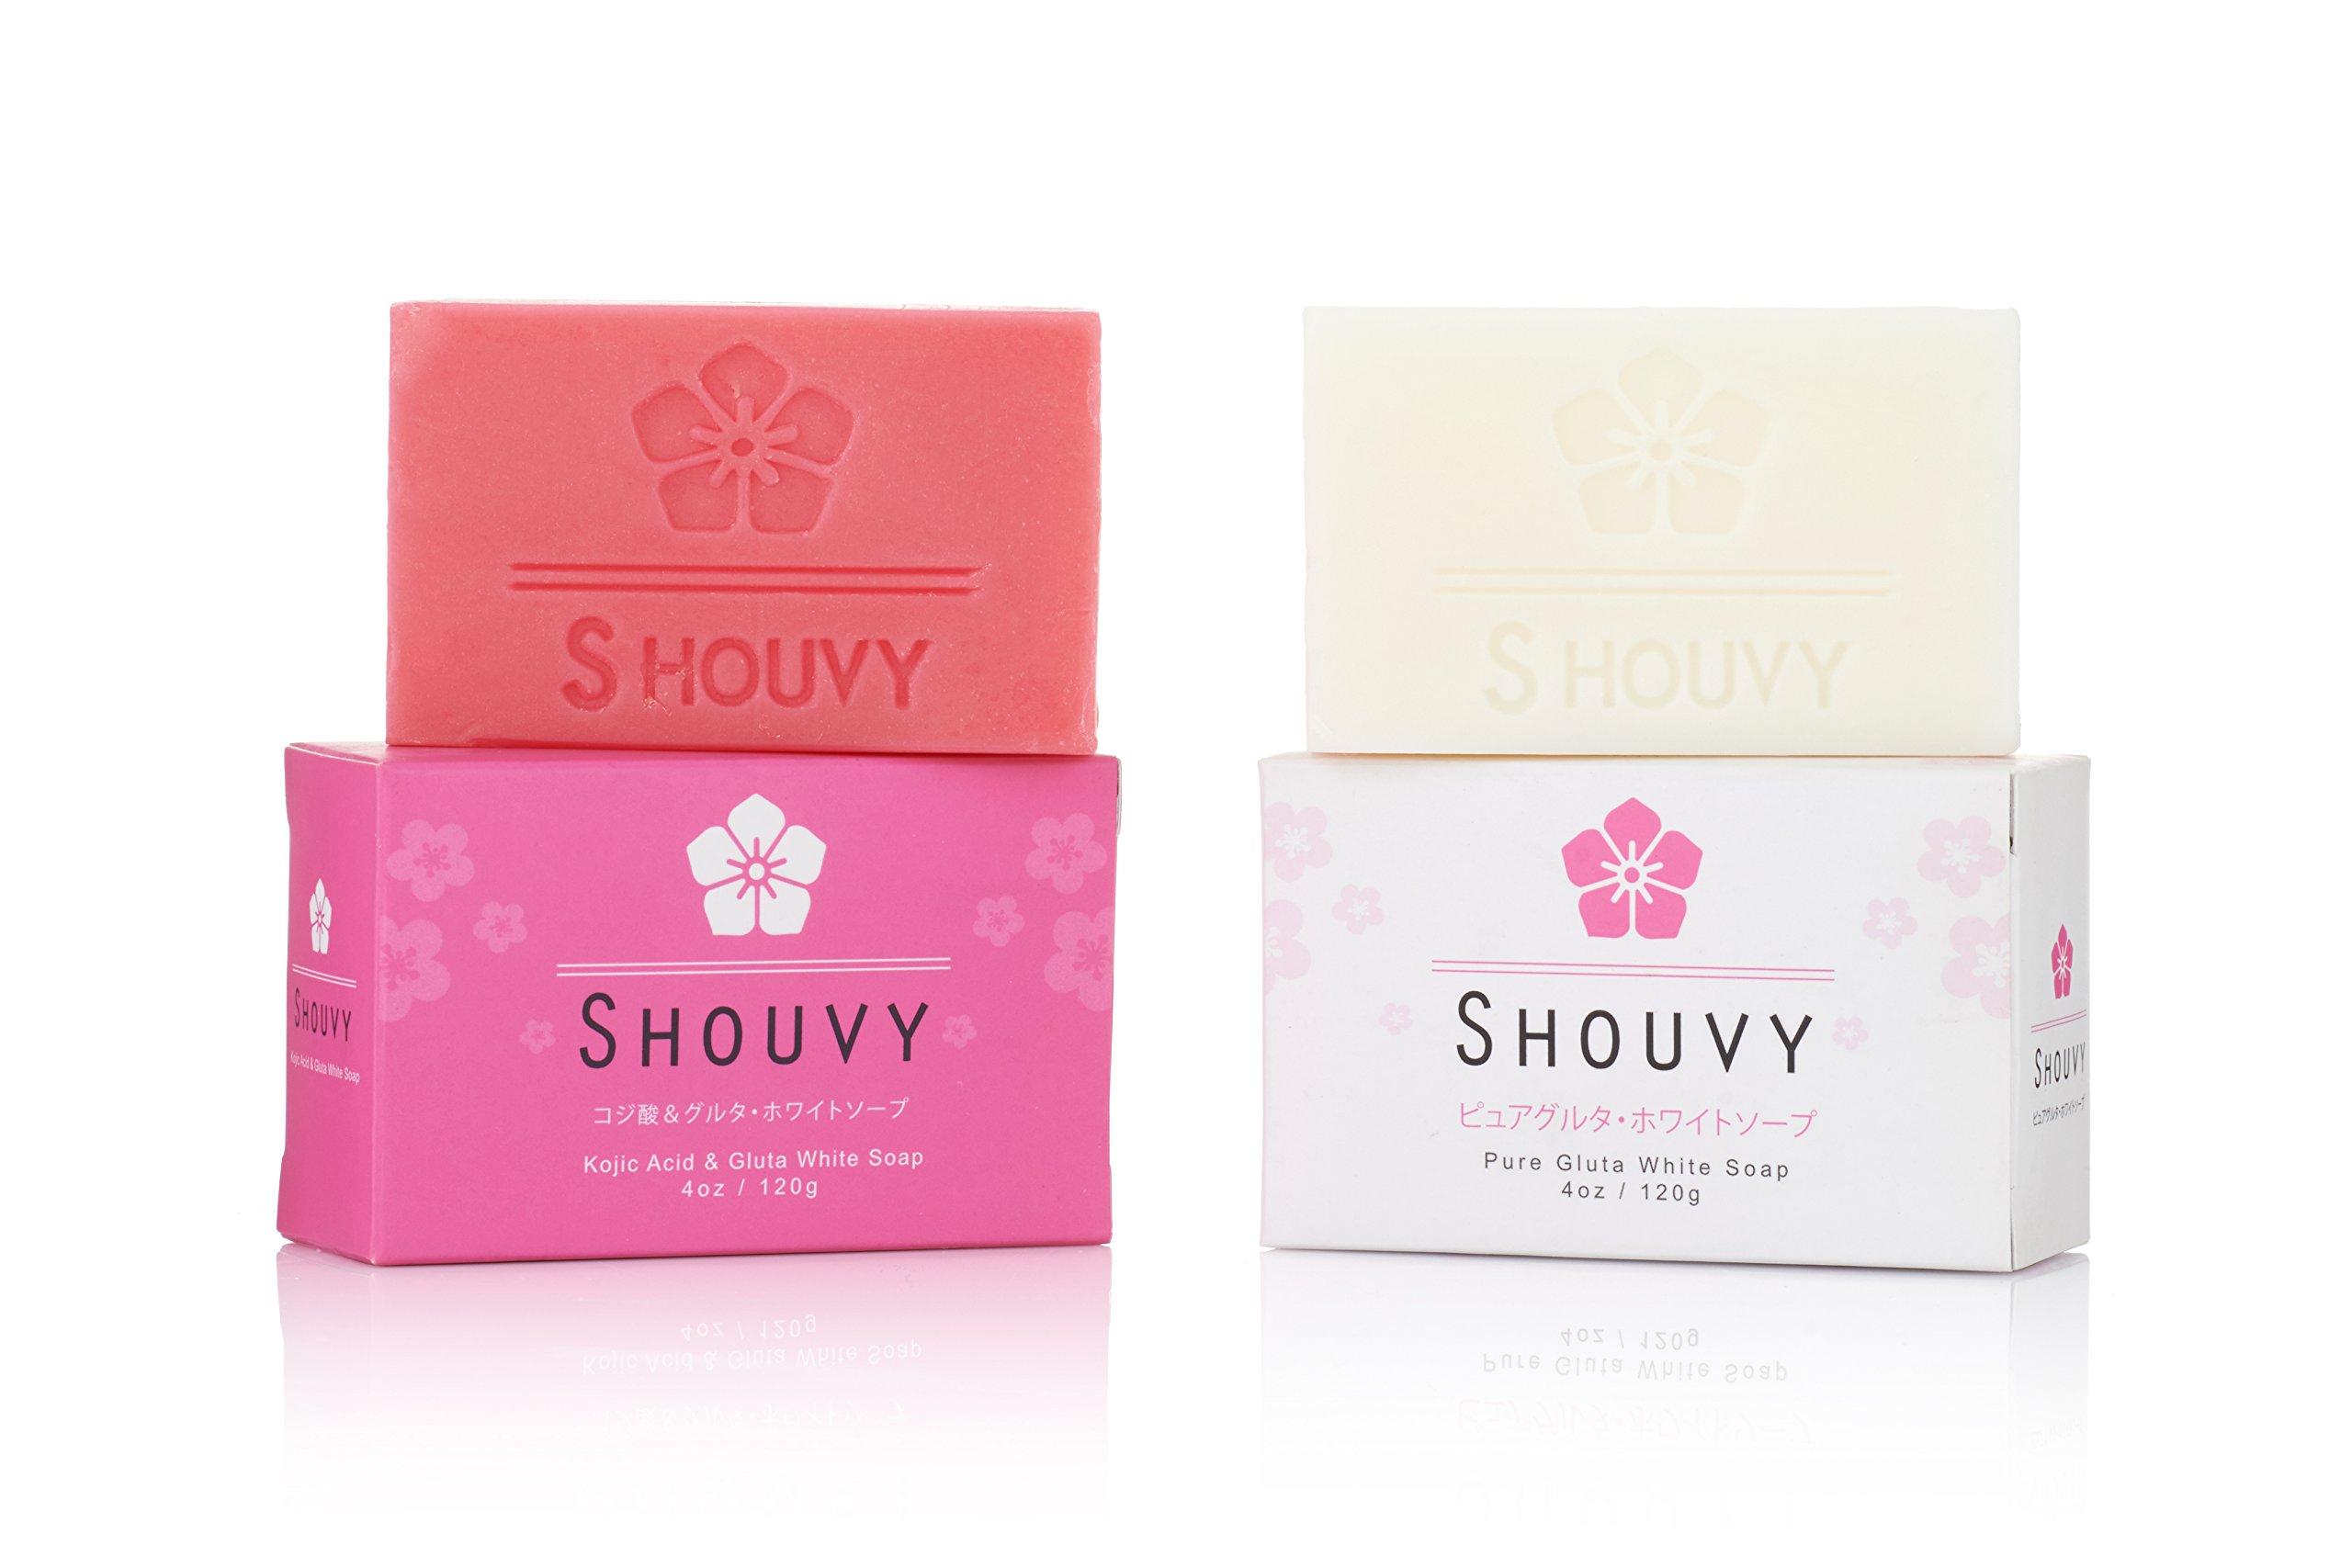 SHOUVY Glutathione White Soap - For Brighten With Coconut Oil & Vitamins C, B3-4 Oz